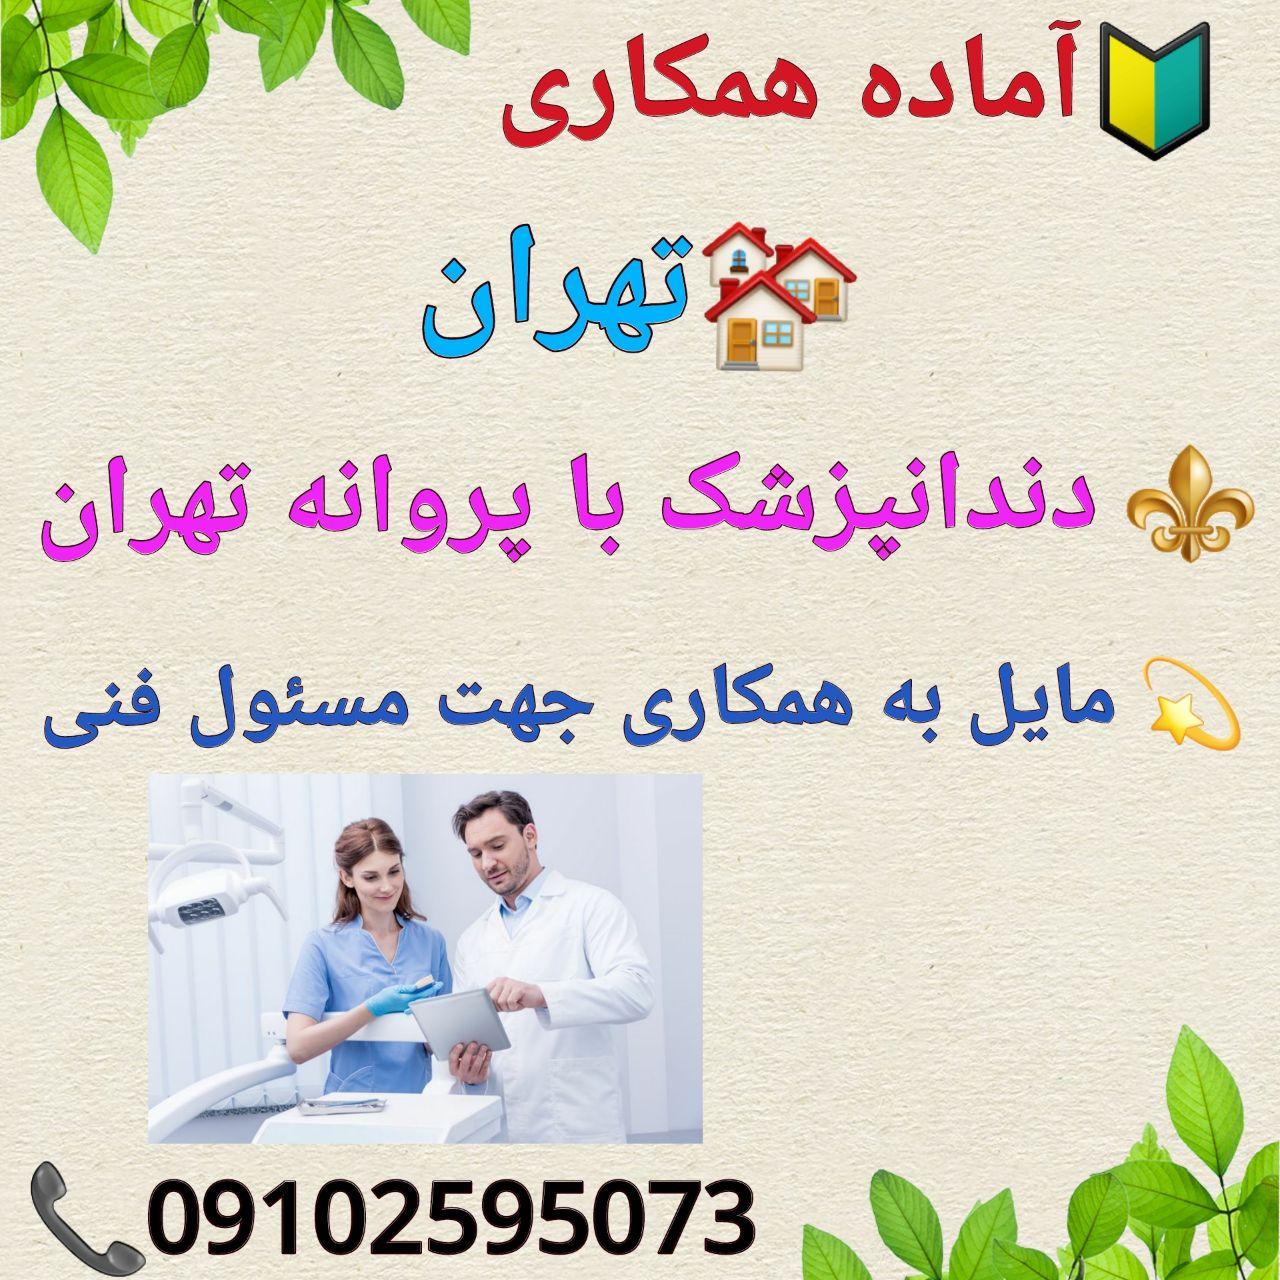 آماده همکاری، همدان، دندانپزشک با پروانه تهران